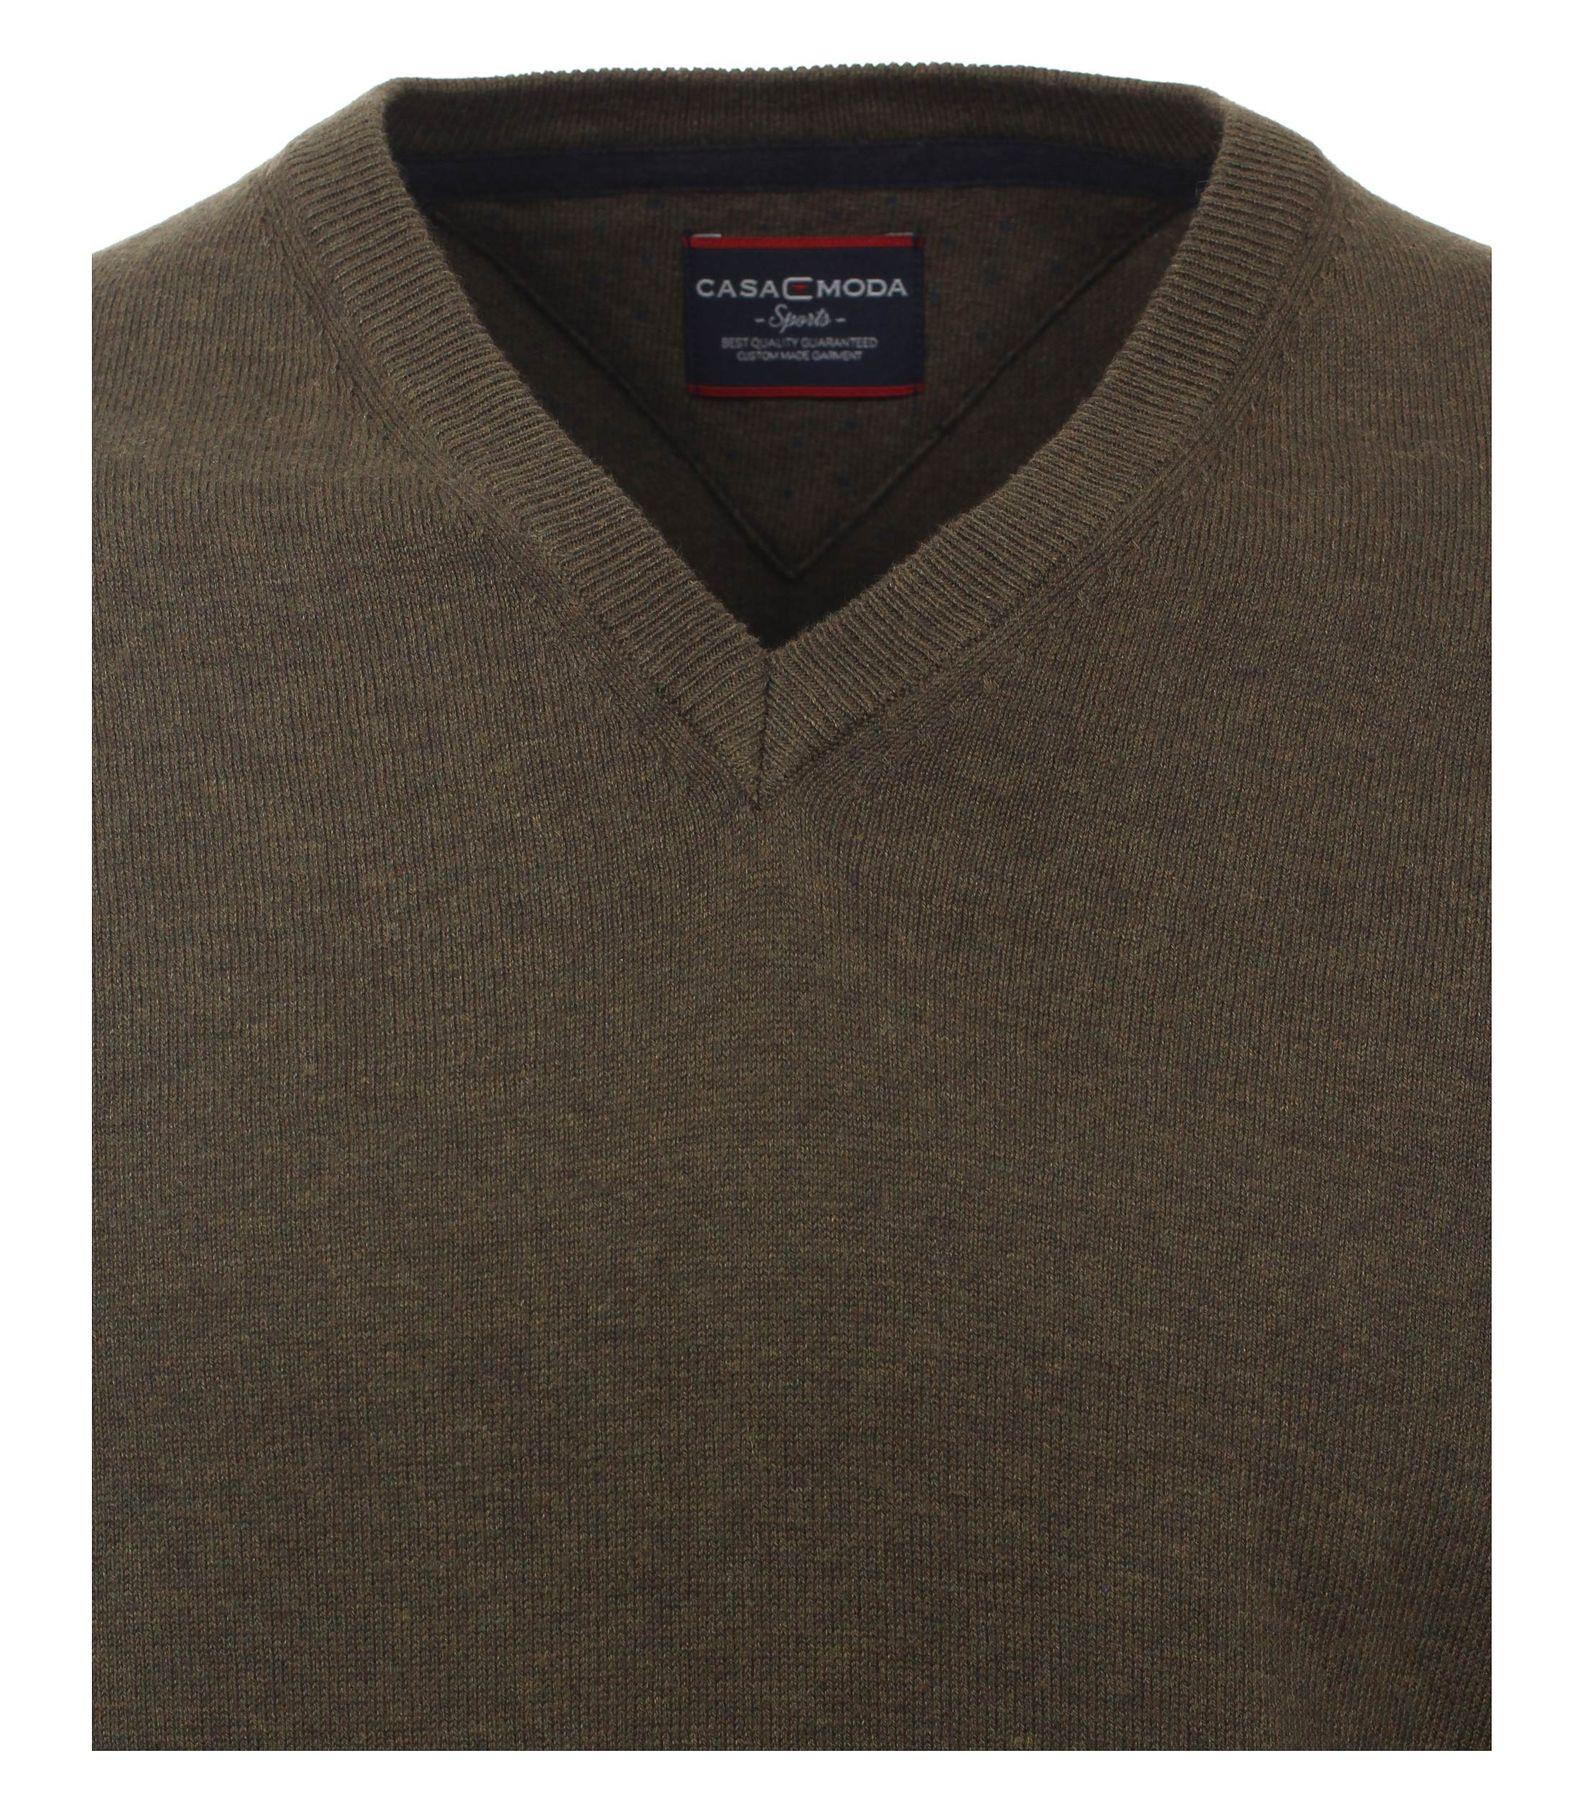 Casa Moda - Herren Pullover mit Kaschmir Anteil und V-Ausschnitt (472847500) – Bild 9